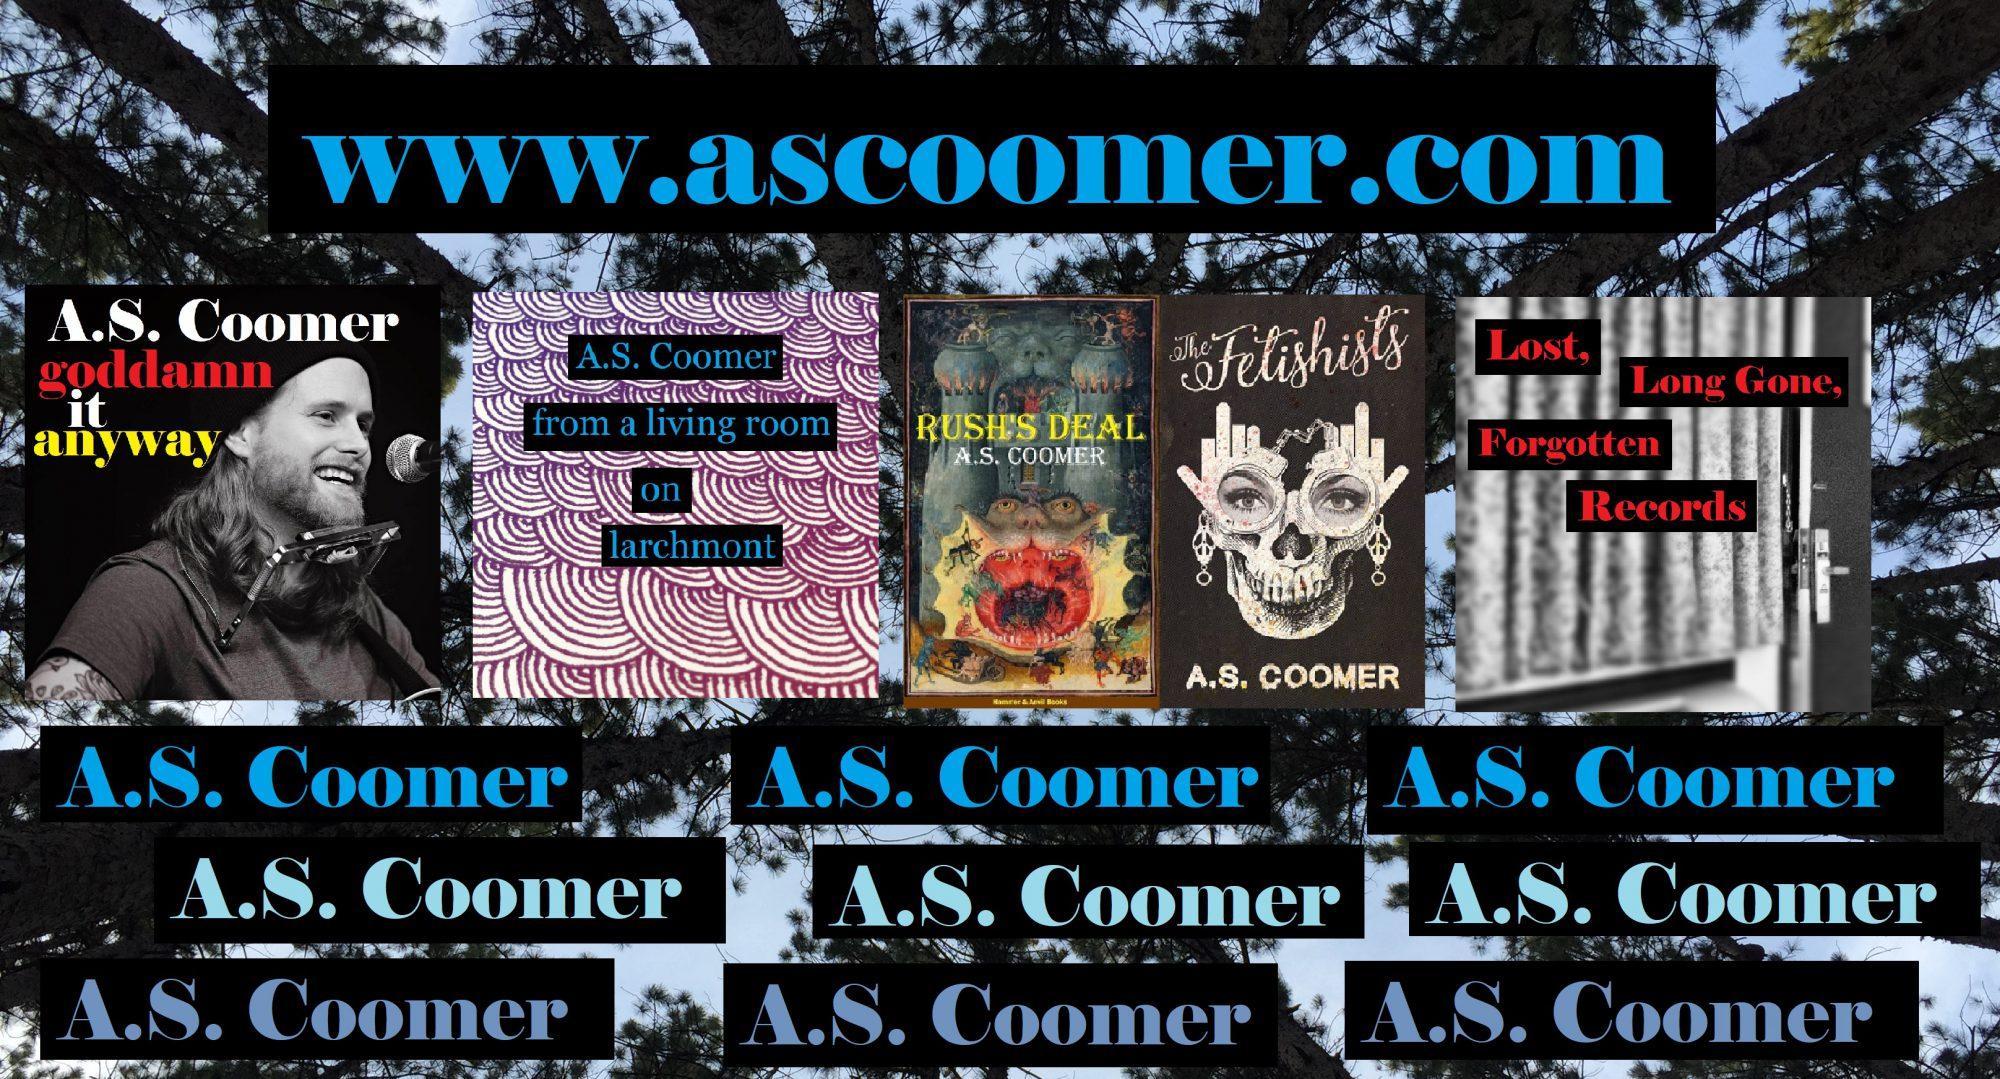 A.S. Coomer: Writer, Musician, Artist